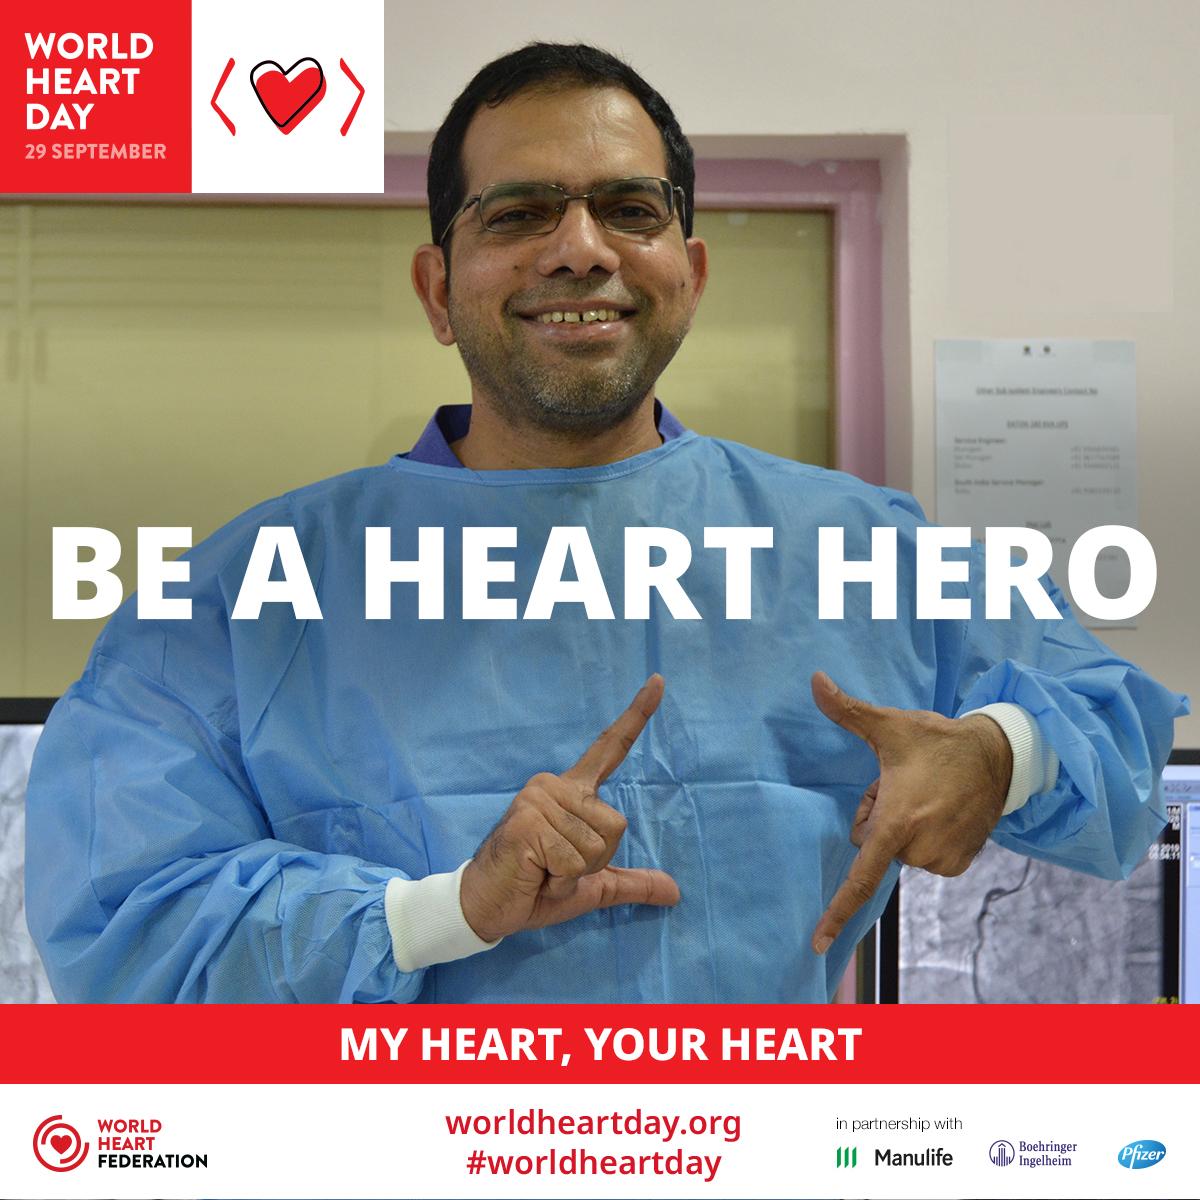 Be-A-Heart-Hero-Social-Media-World-Heart-Day-2019(Manu)-2